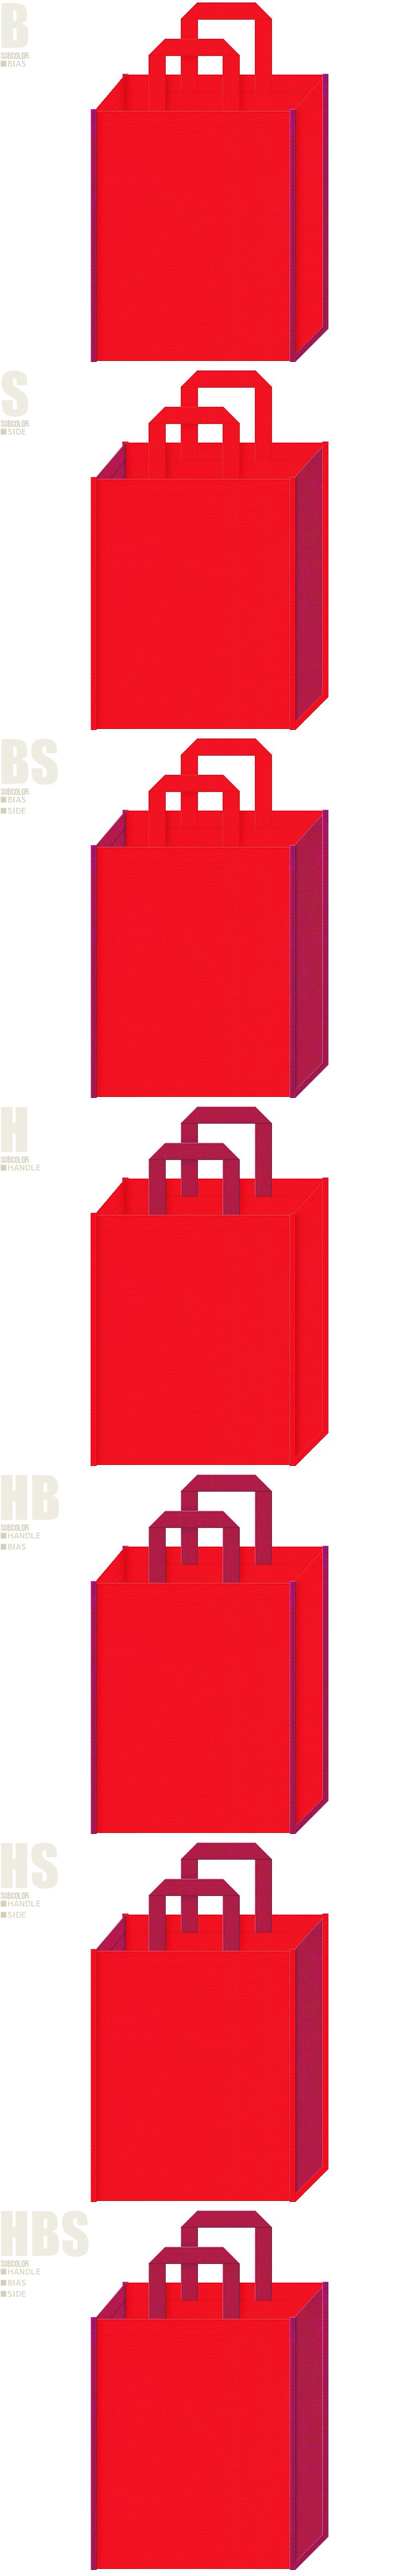 赤色と濃い目のピンク色、7パターンの不織布トートバッグ配色デザイン例。ゲームのバッグノベルティにお奨めです。舞妓・絢爛なイメージに。